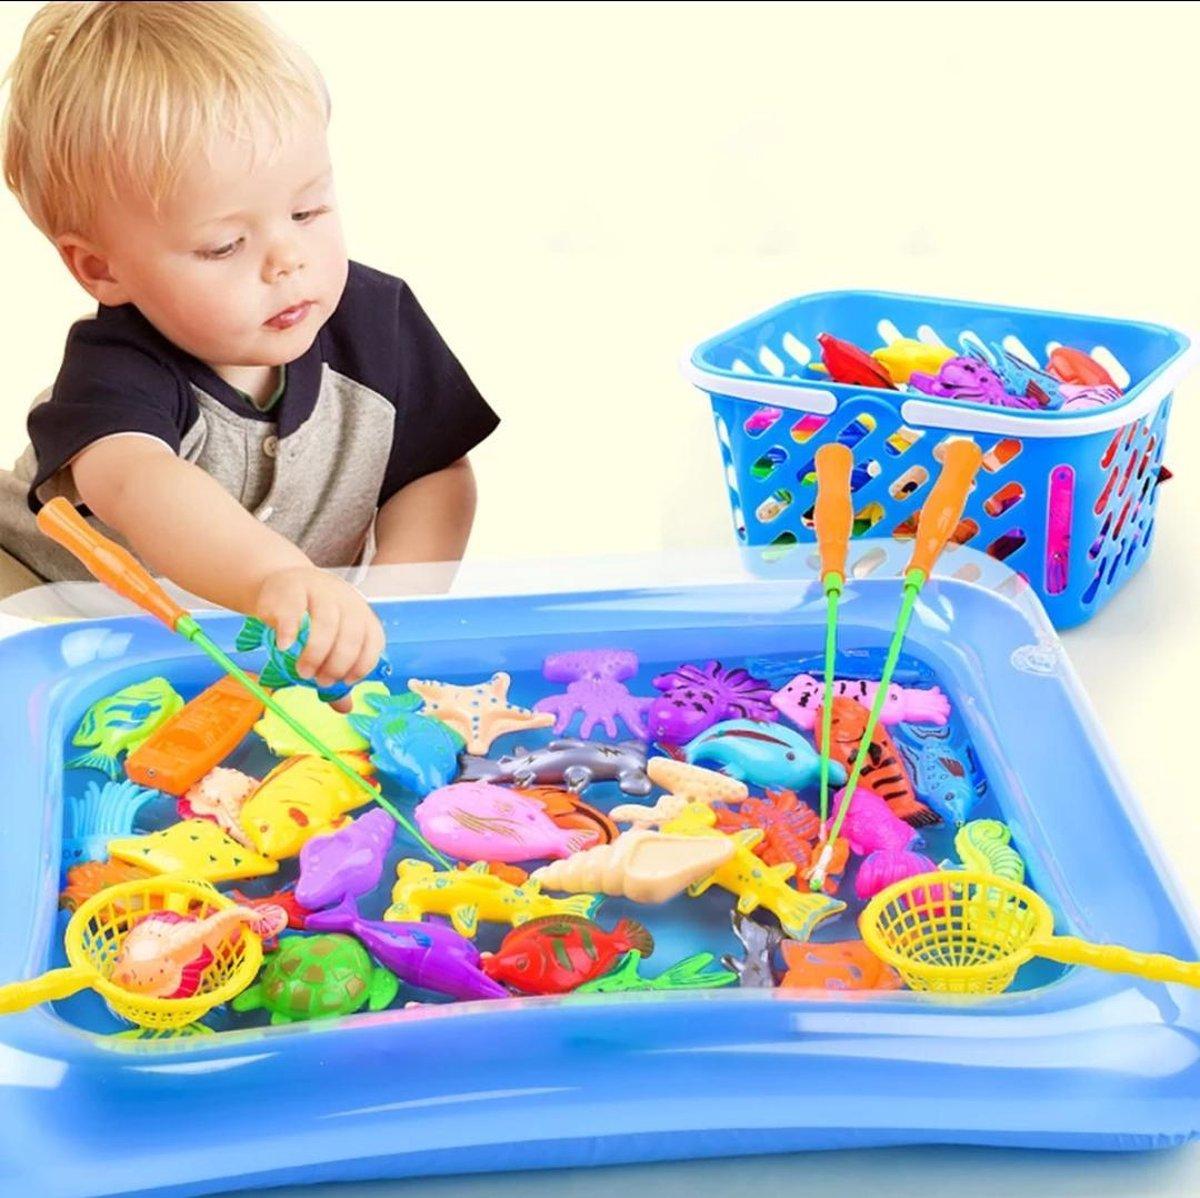 Kinderen Vissen Speelgoed Met Opblaasbare Zwembad - Visspel Water - Hengel Magnetische- Kleur blauw 52-delig mandje zwembad Vissen Vangen - speelgoed voor peuter kinderen visspel, educatief speelgoed -Baby bad speeltjes met vangnet